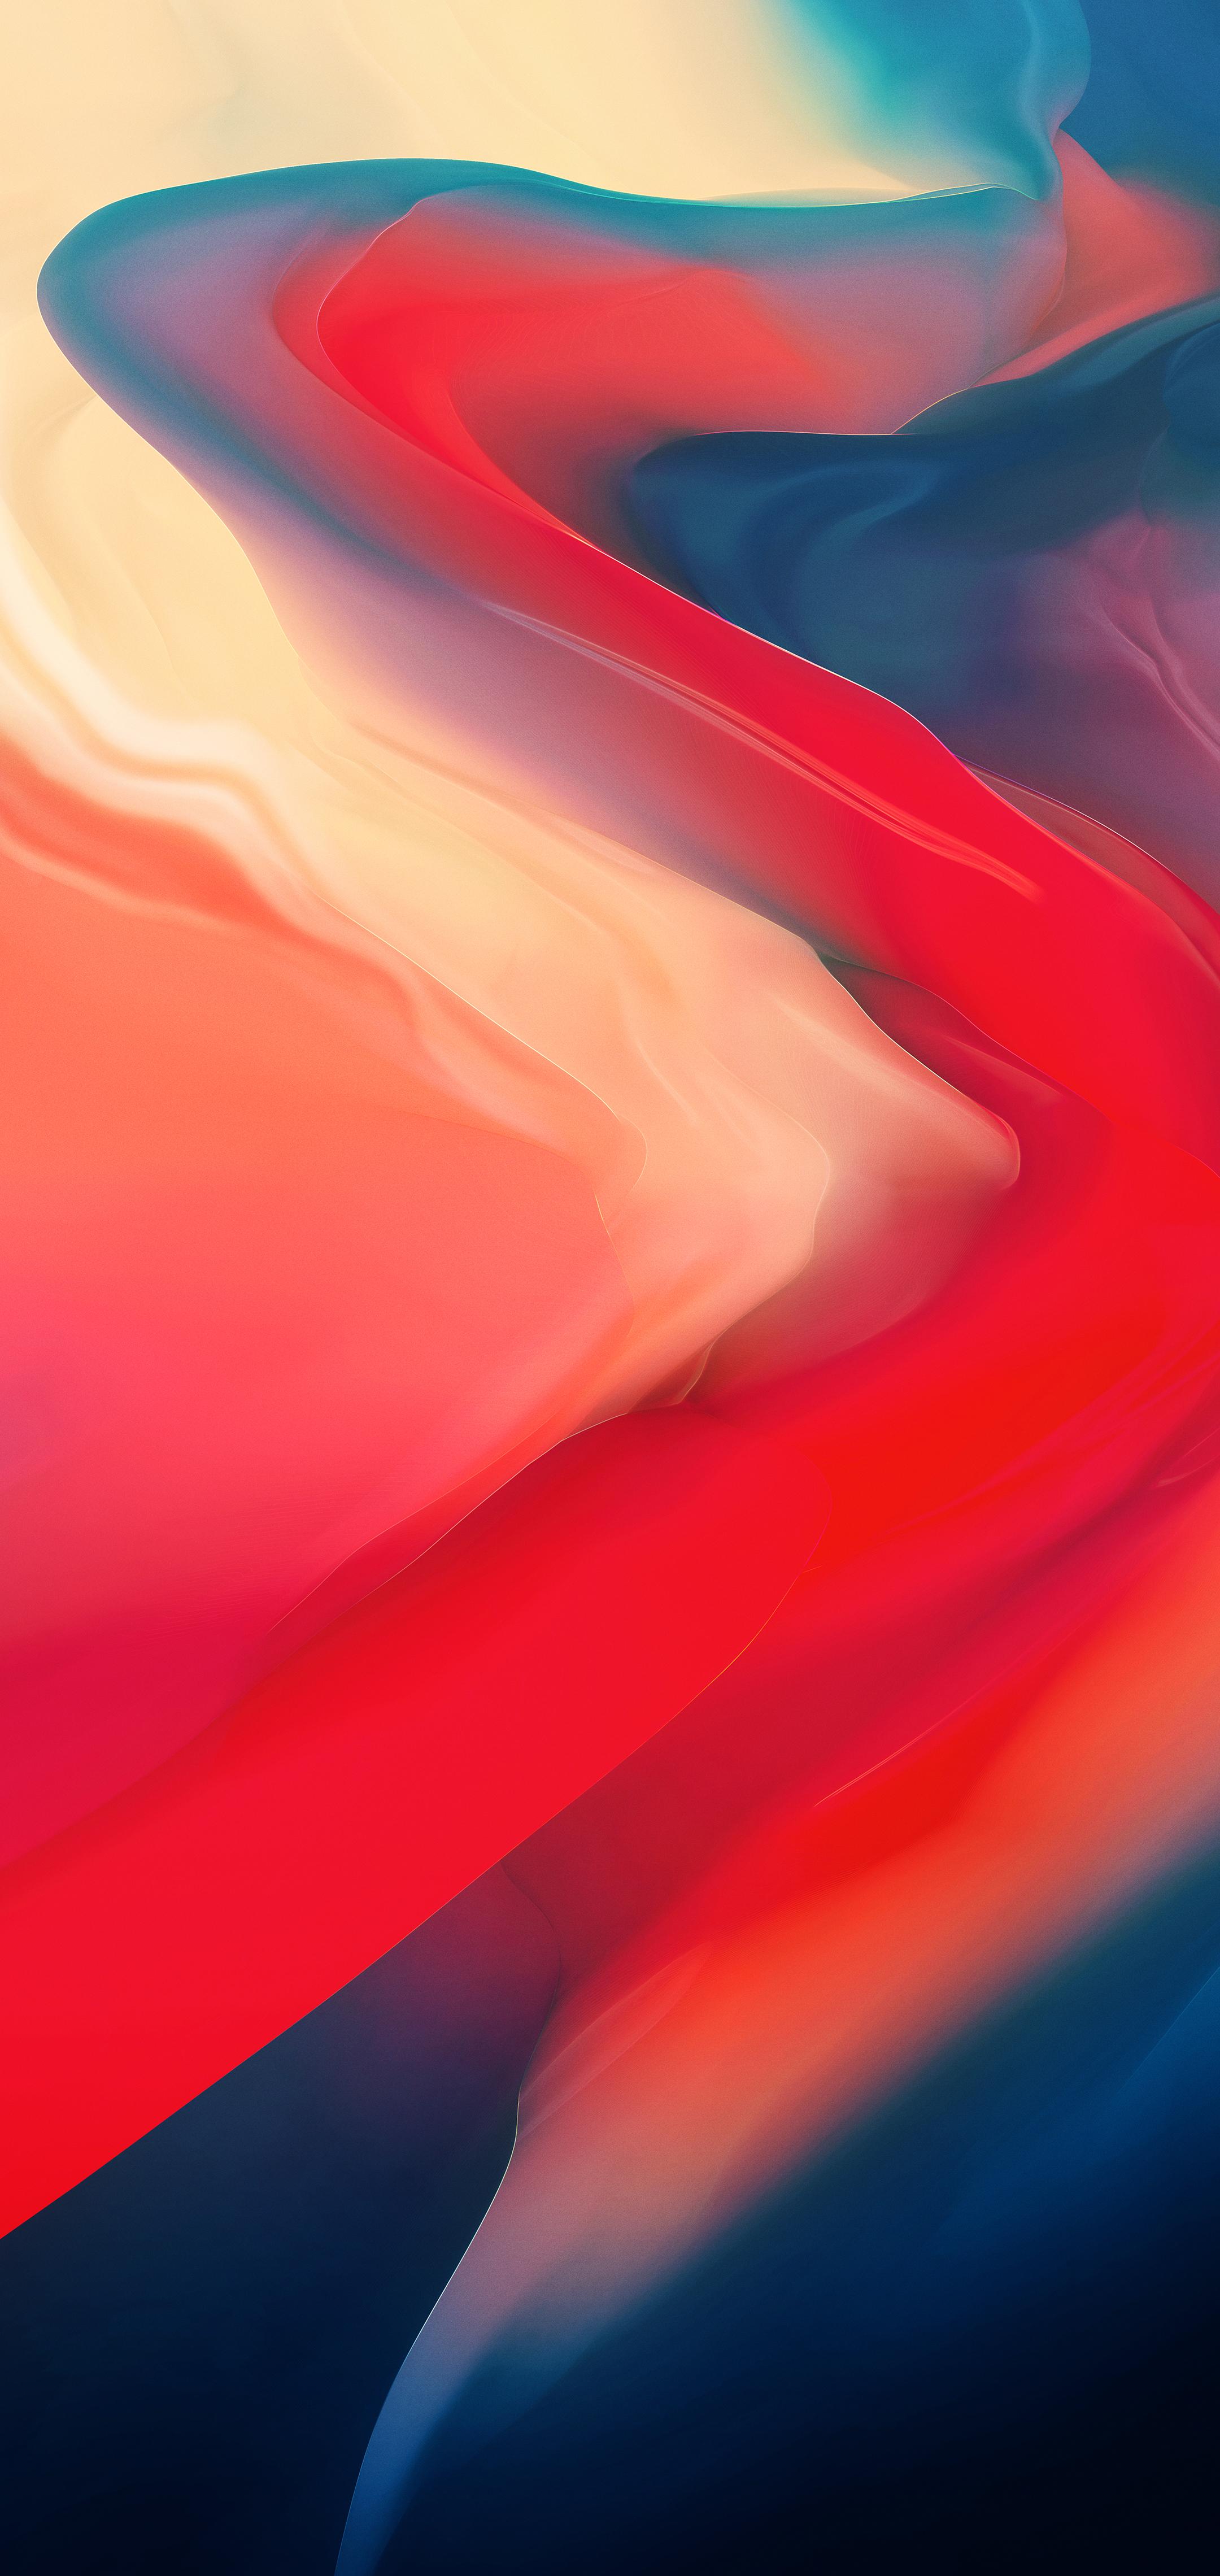 OnePlus 6 Wallpapers — Hampus Olsson - Portfolio of 2018